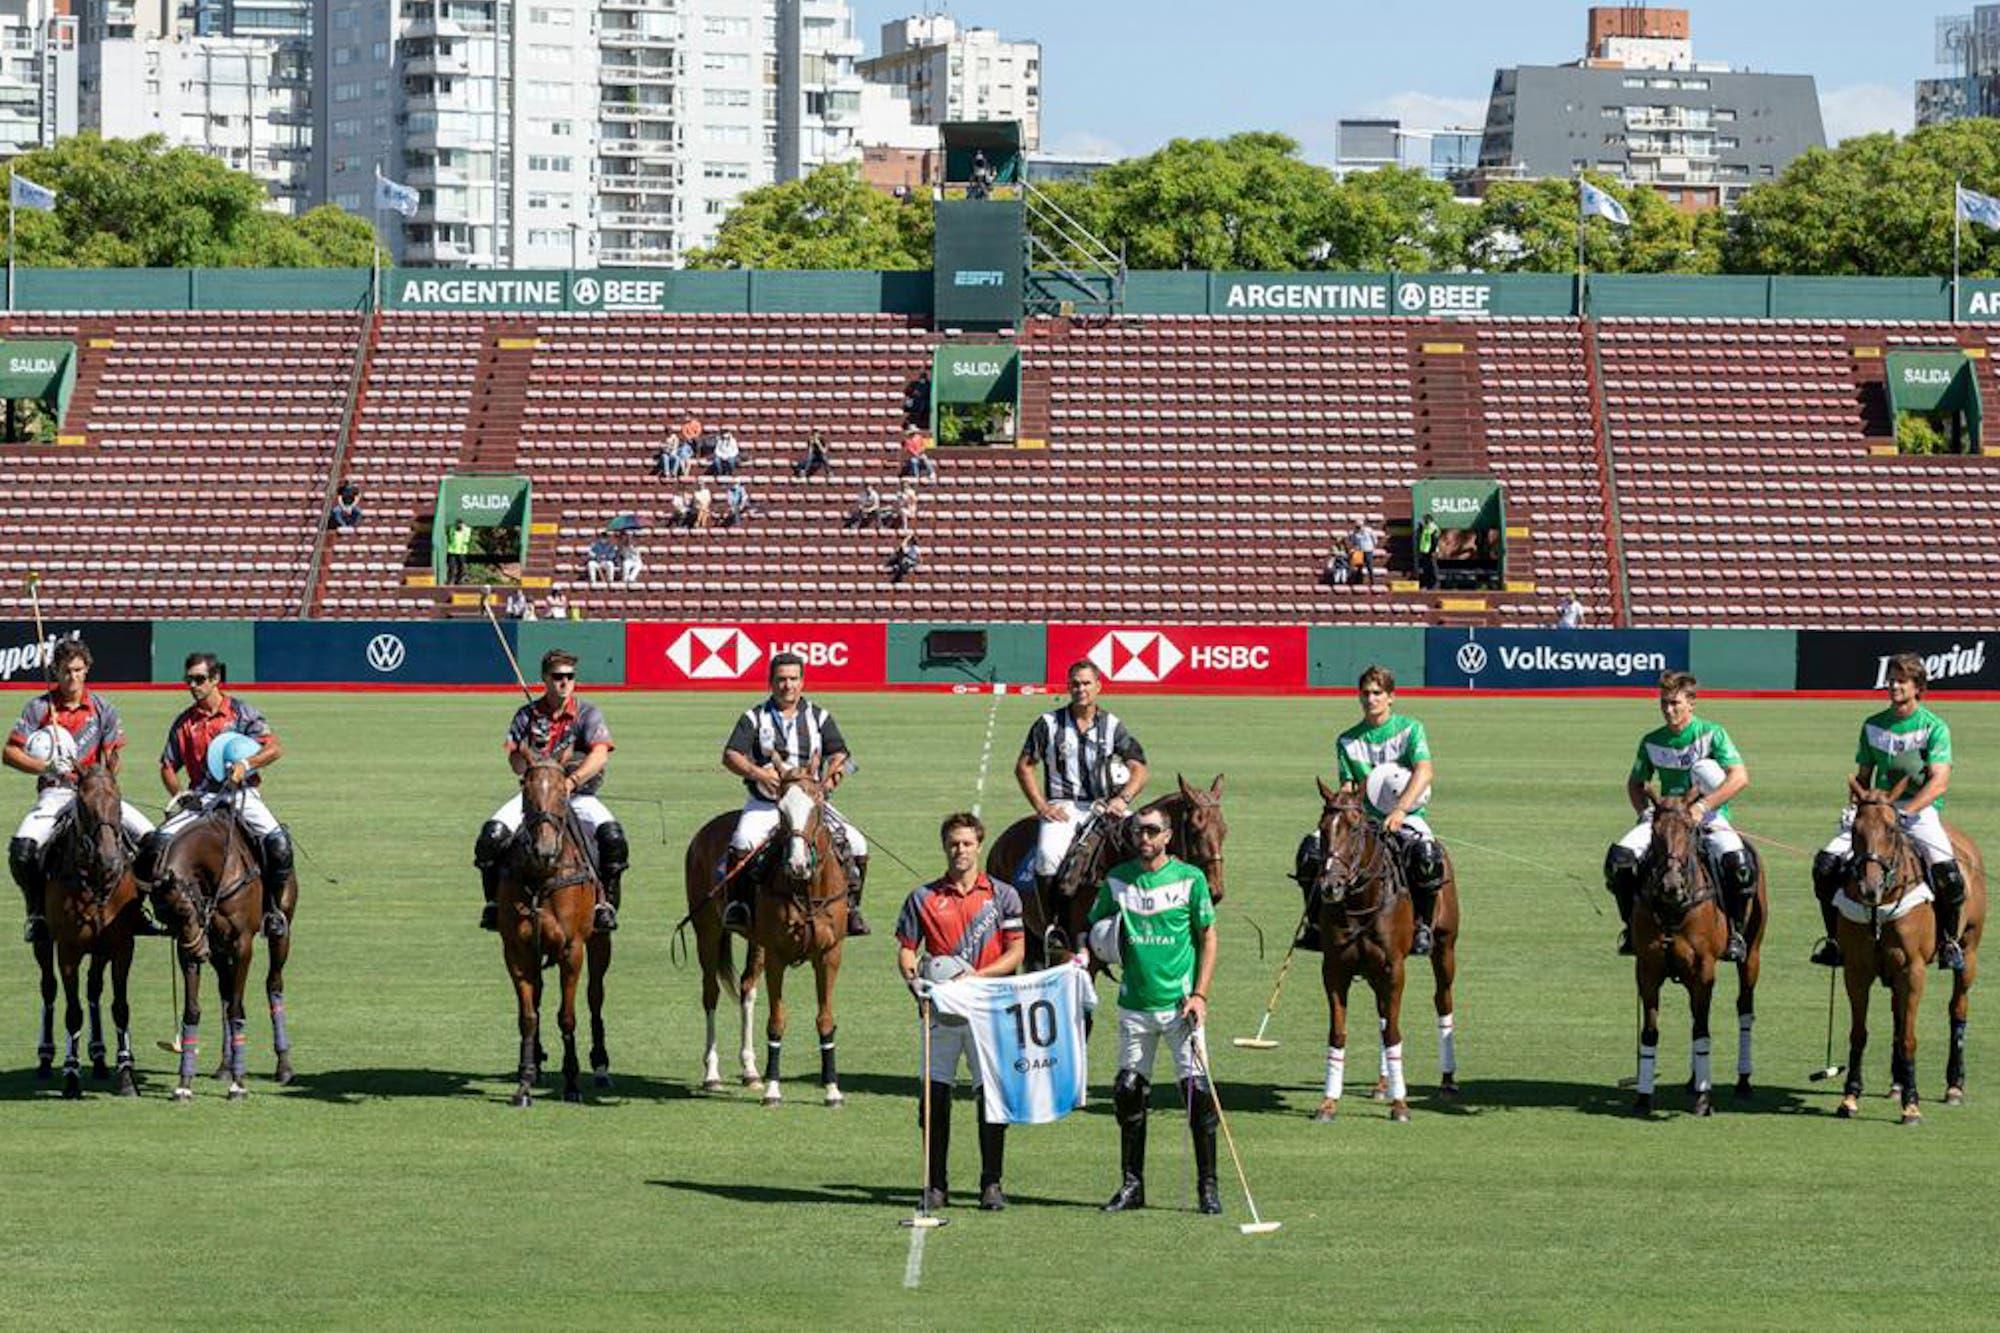 Abierto de Palermo: La Natividad-Monjitas también homenajeó a Maradona y después venció a La Irenita